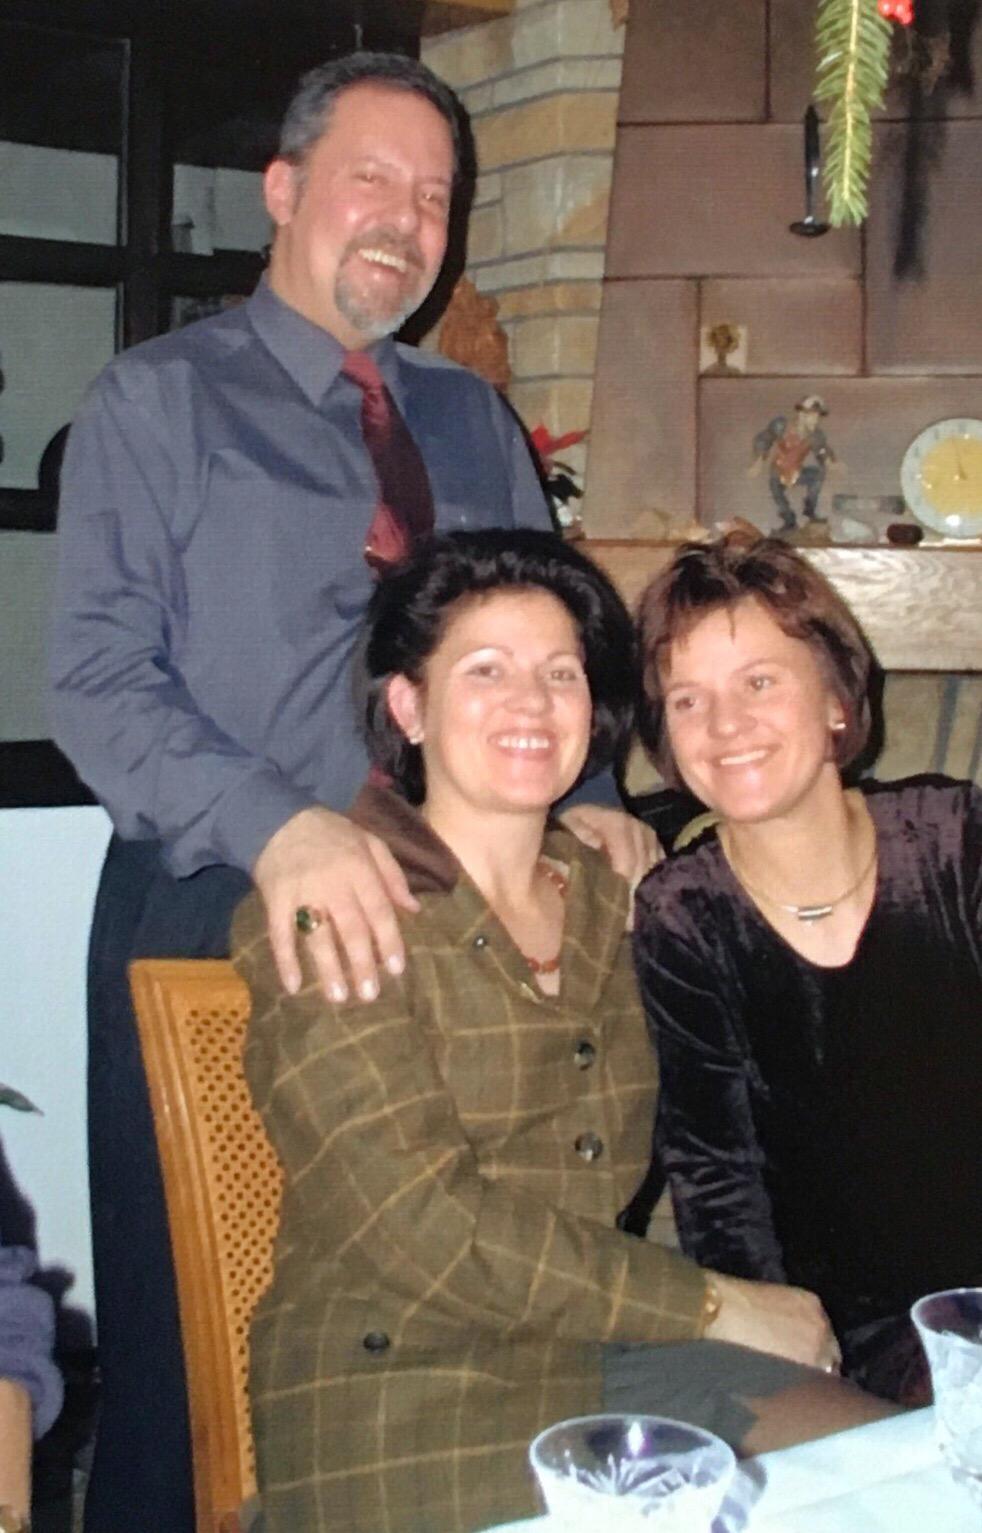 HEUCHEMER VERPACKUNG || Christoph, Corinna und Martina Heuchemer - 1999